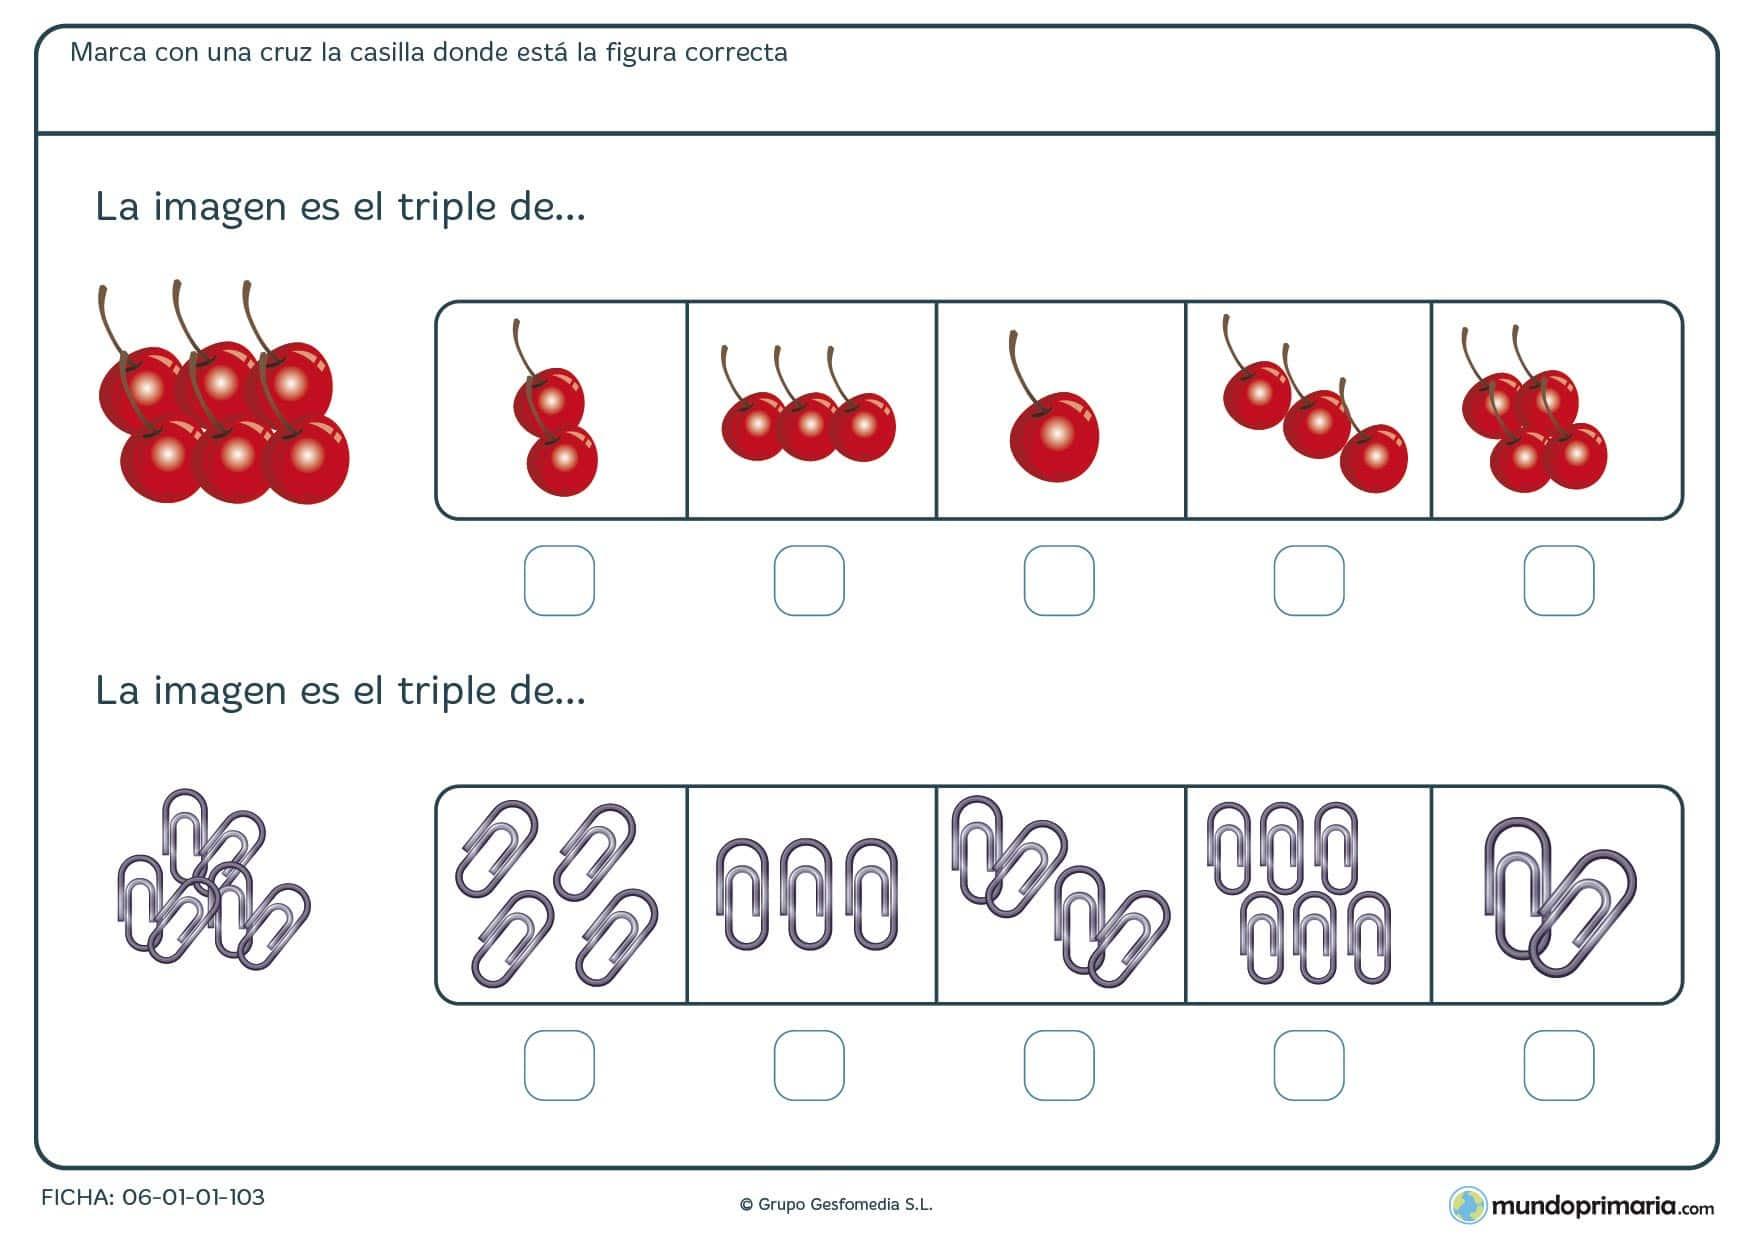 Cerezas y clips para calcular el triple de cada una de ellas